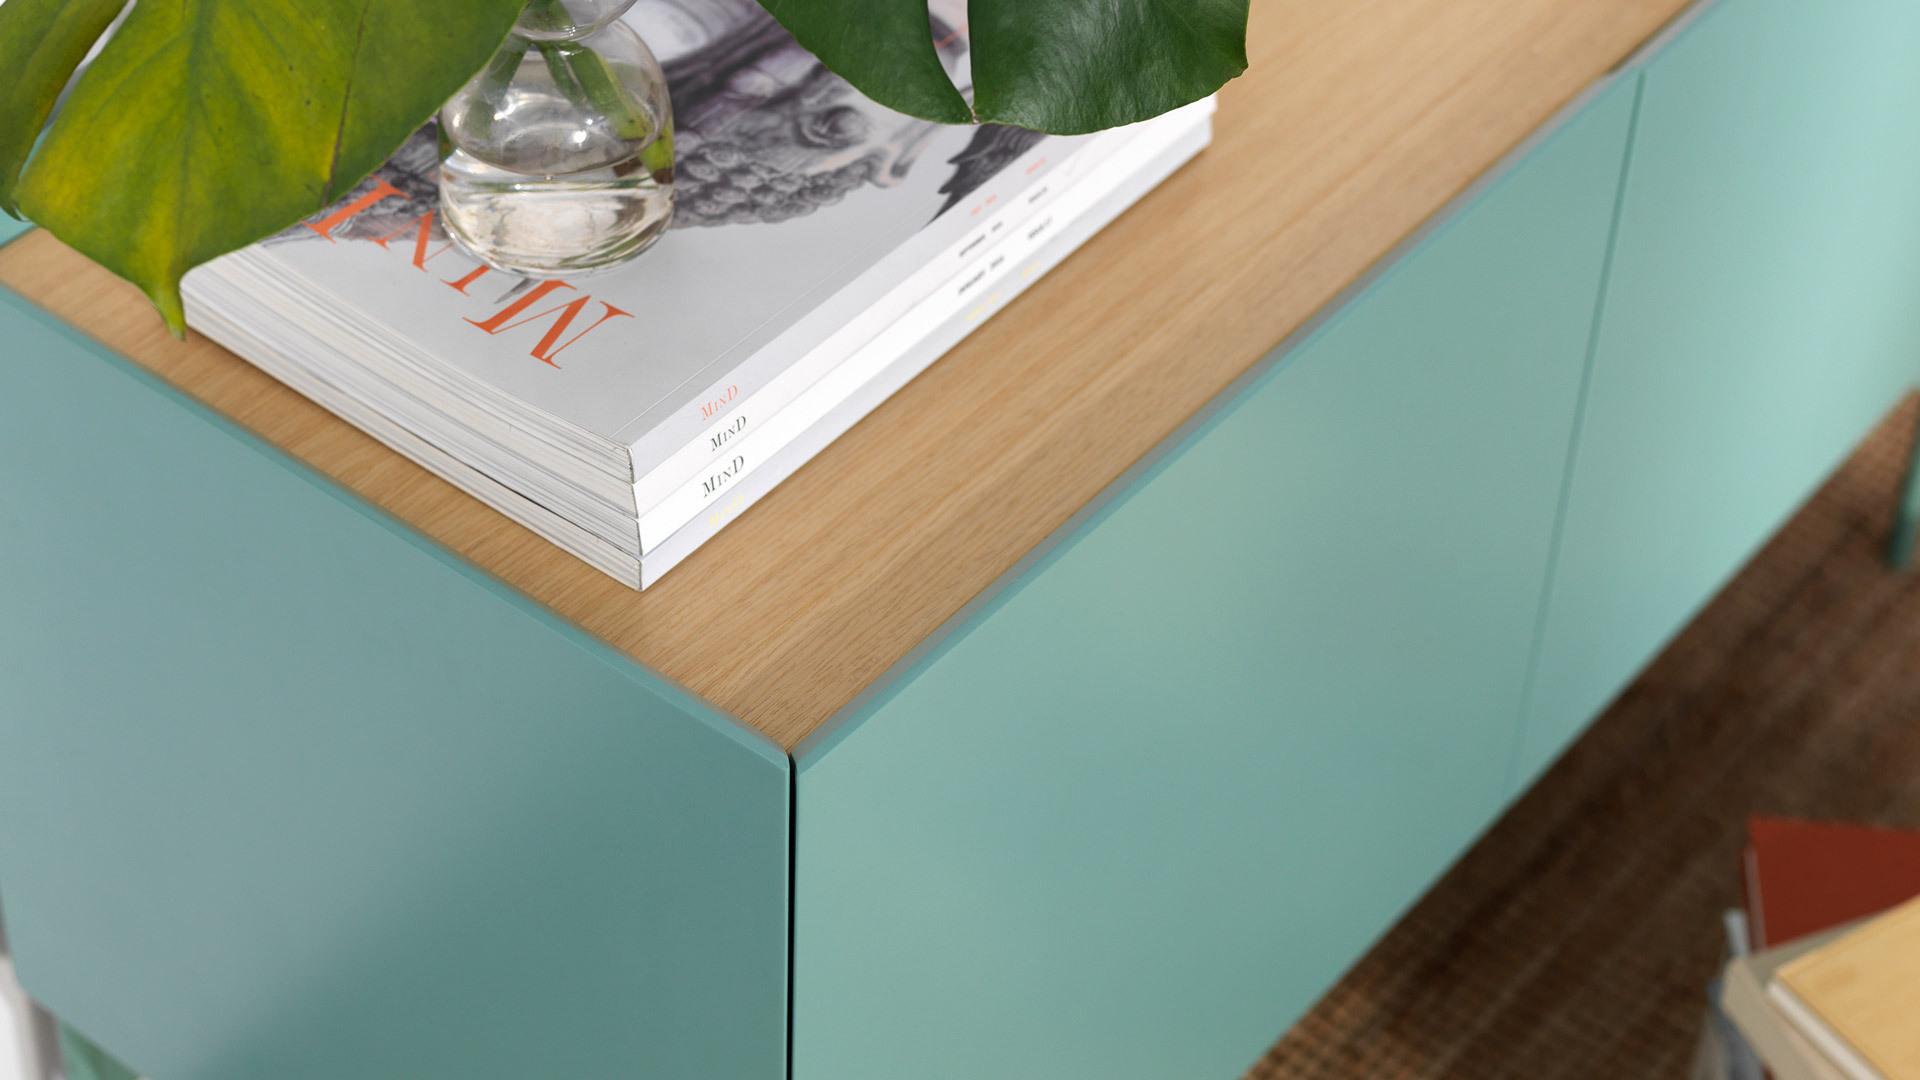 45°内切角设计与水洗橡木木皮包裹的柜顶,细节处见到的精致顶面。一个最小的陈列,都烘托出优雅质感。